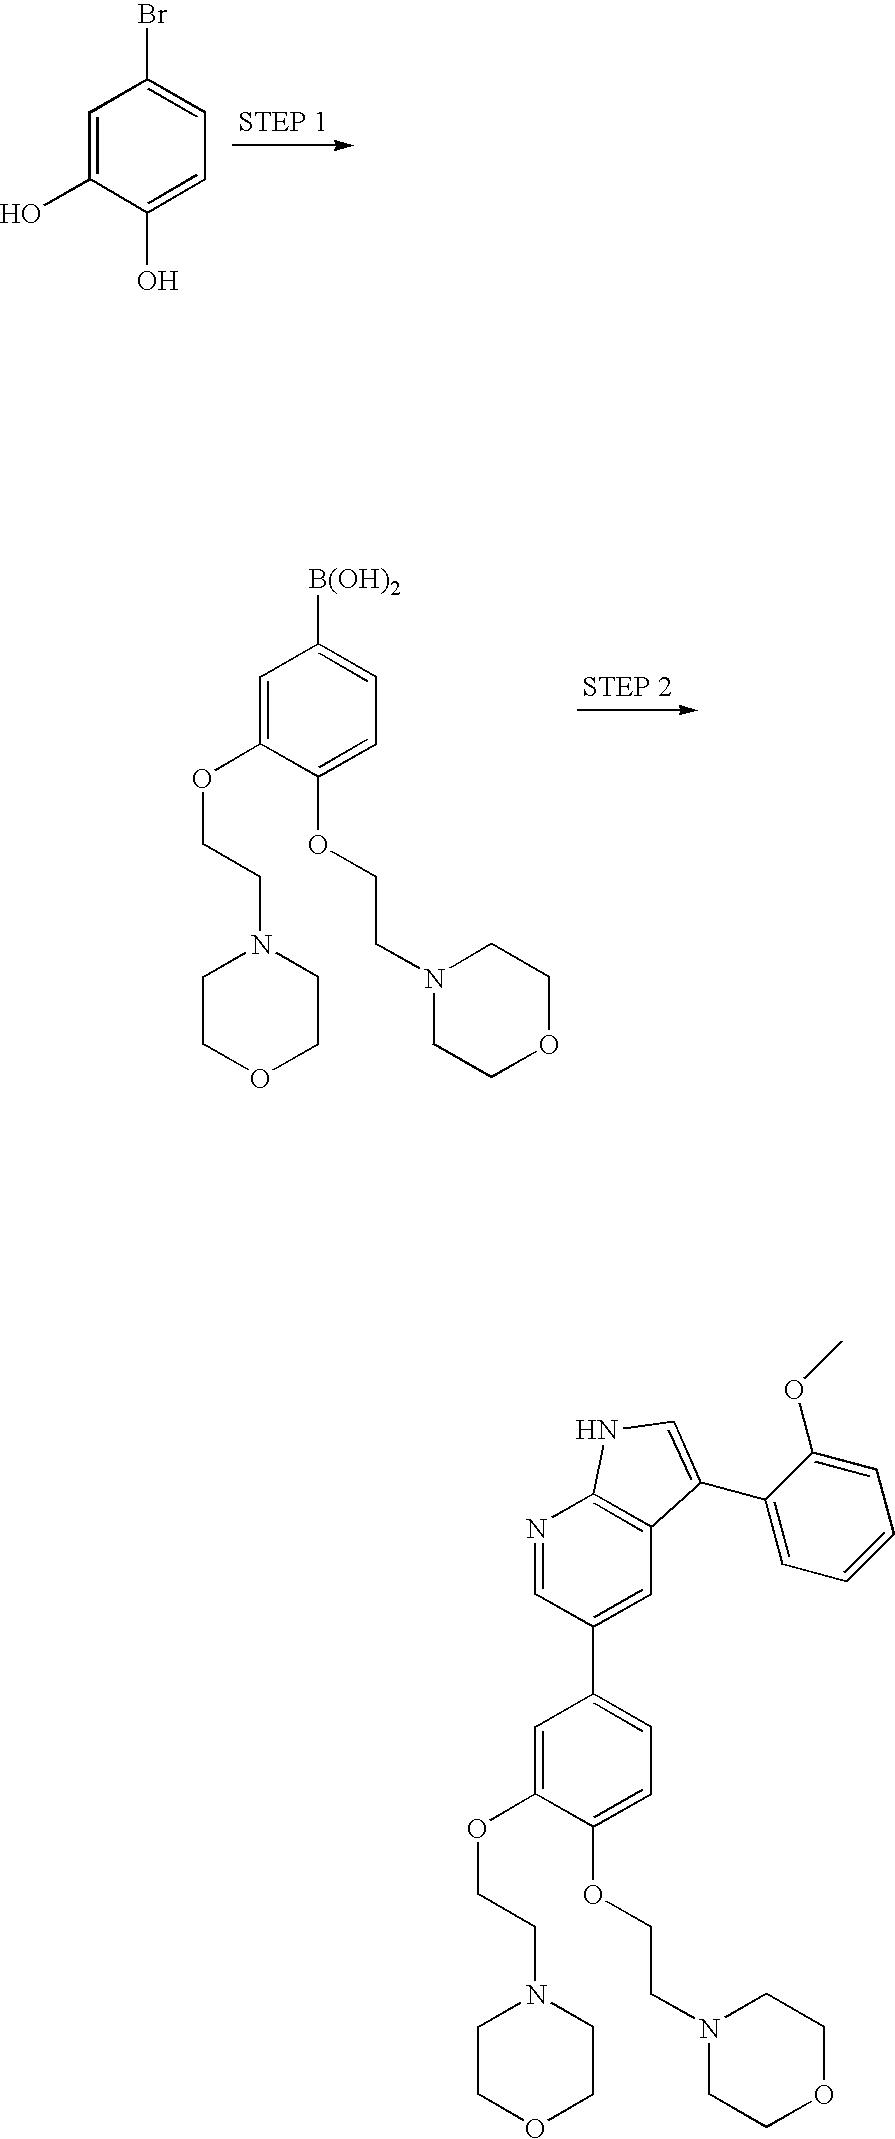 Figure US20090306056A1-20091210-C00506